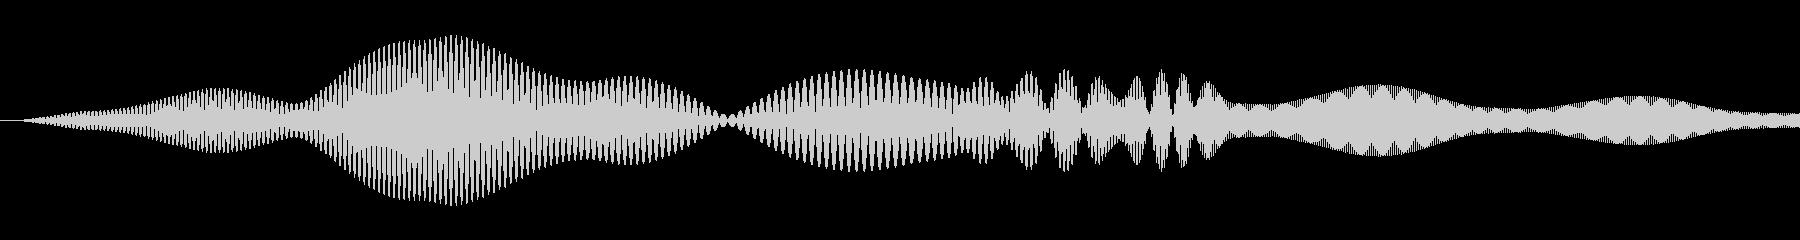 シンプルな決定音4の未再生の波形